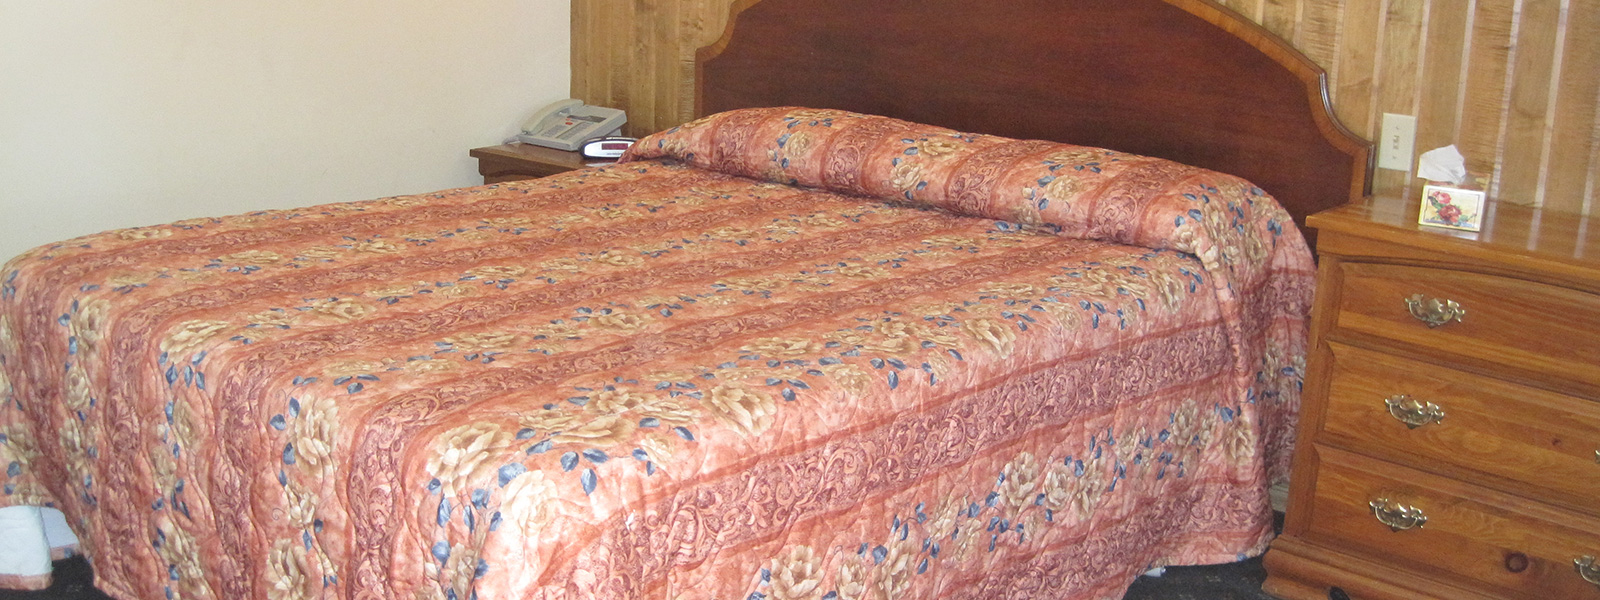 banner-one-queen-beds